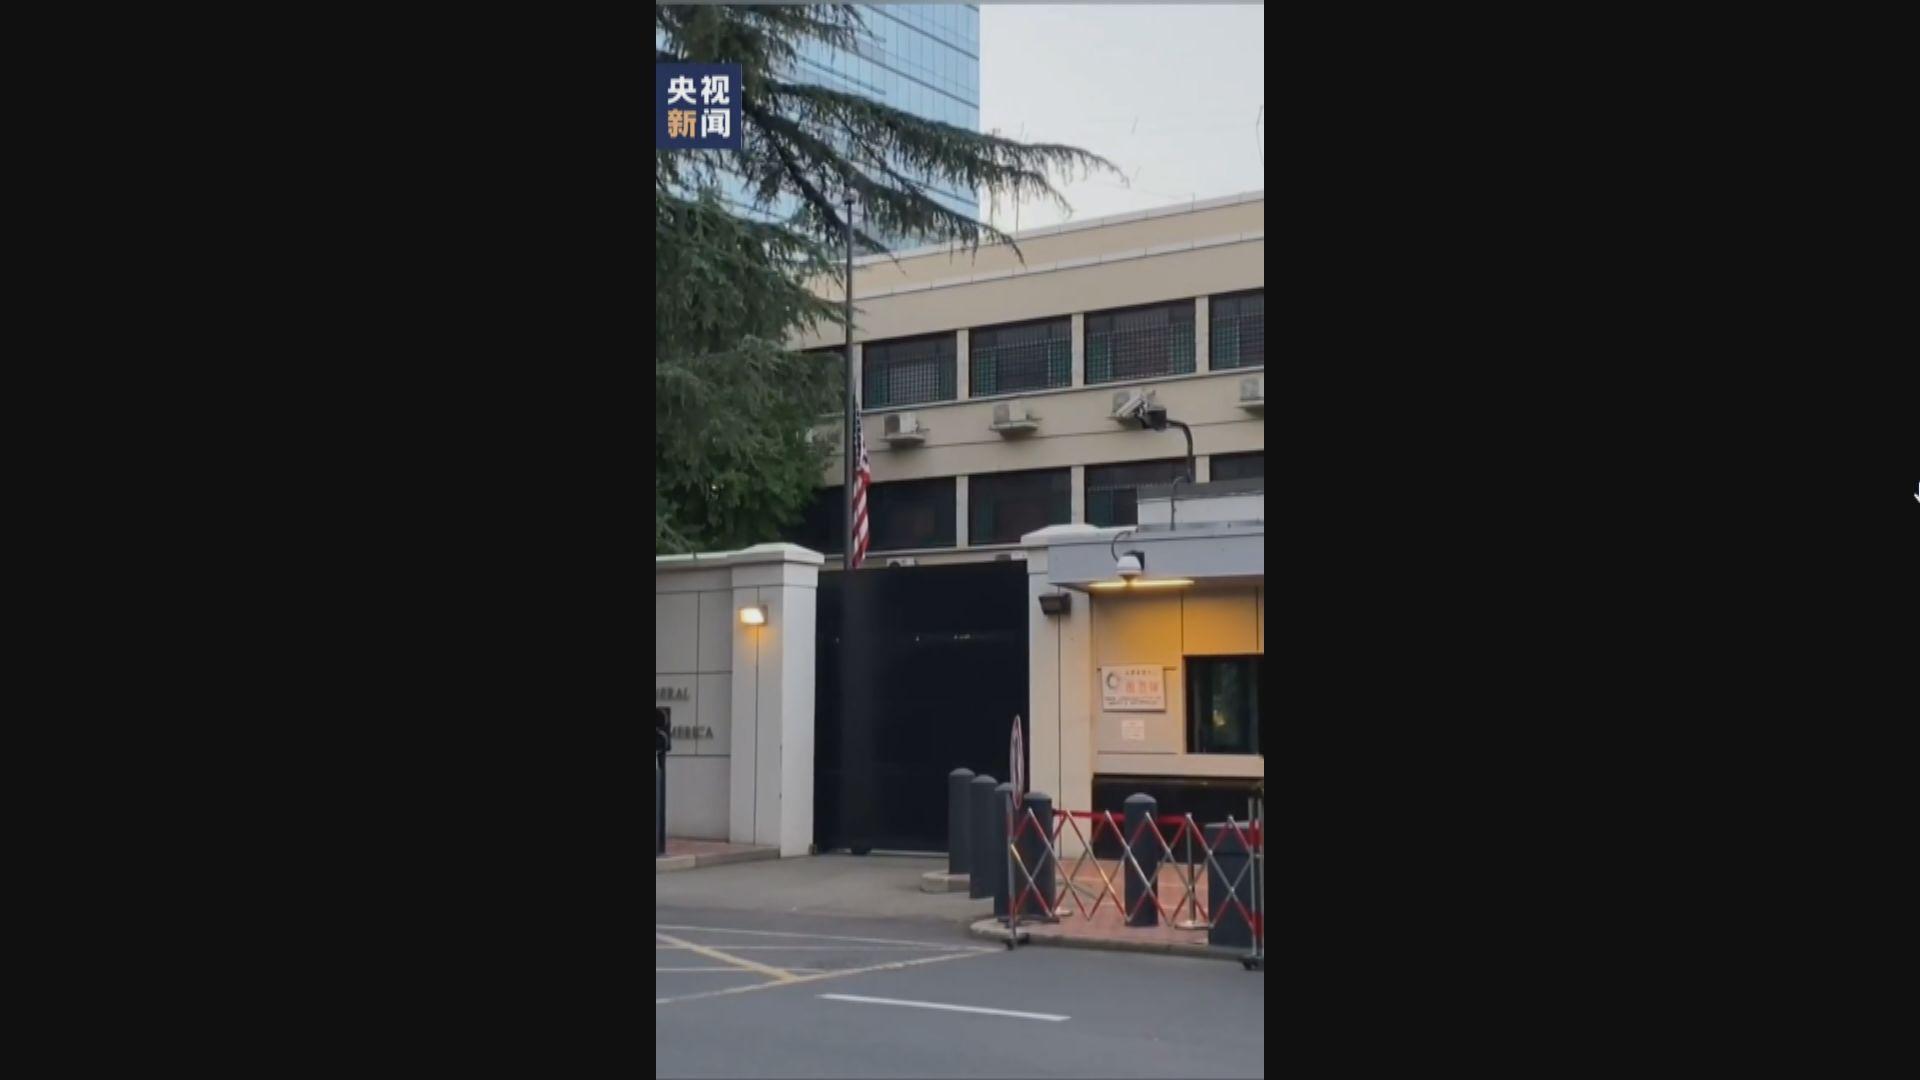 美國駐成都總領事館據報將於今早關閉 美國旗早上降下